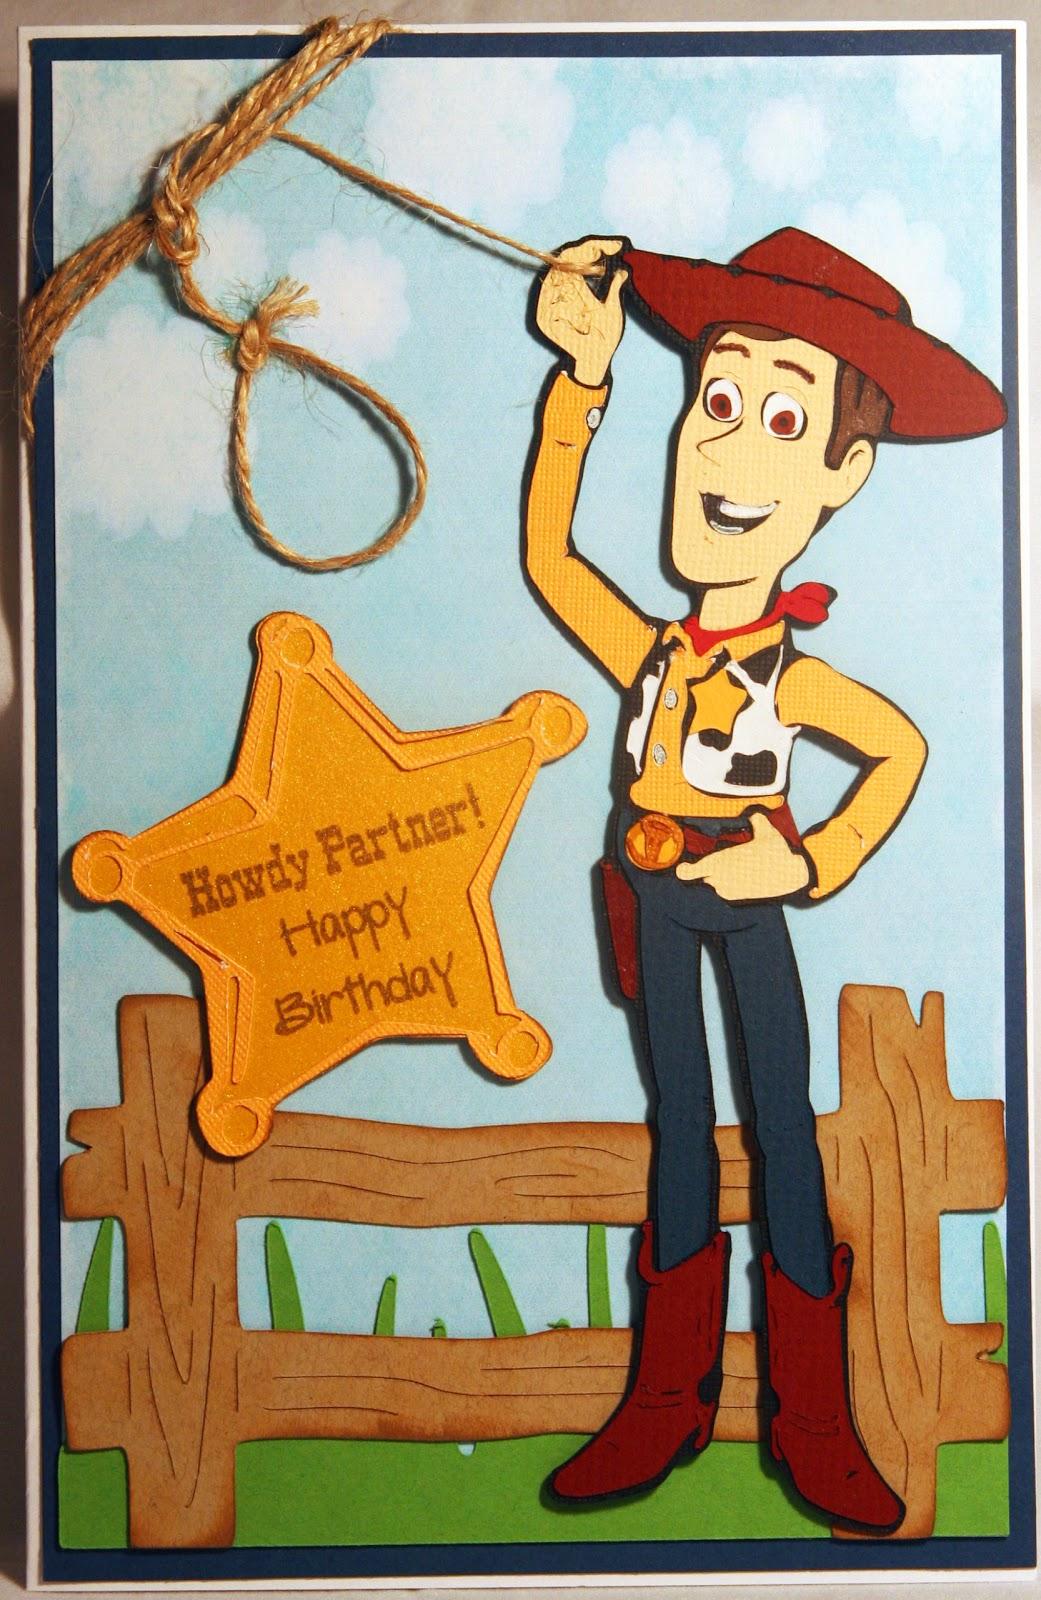 birth day card